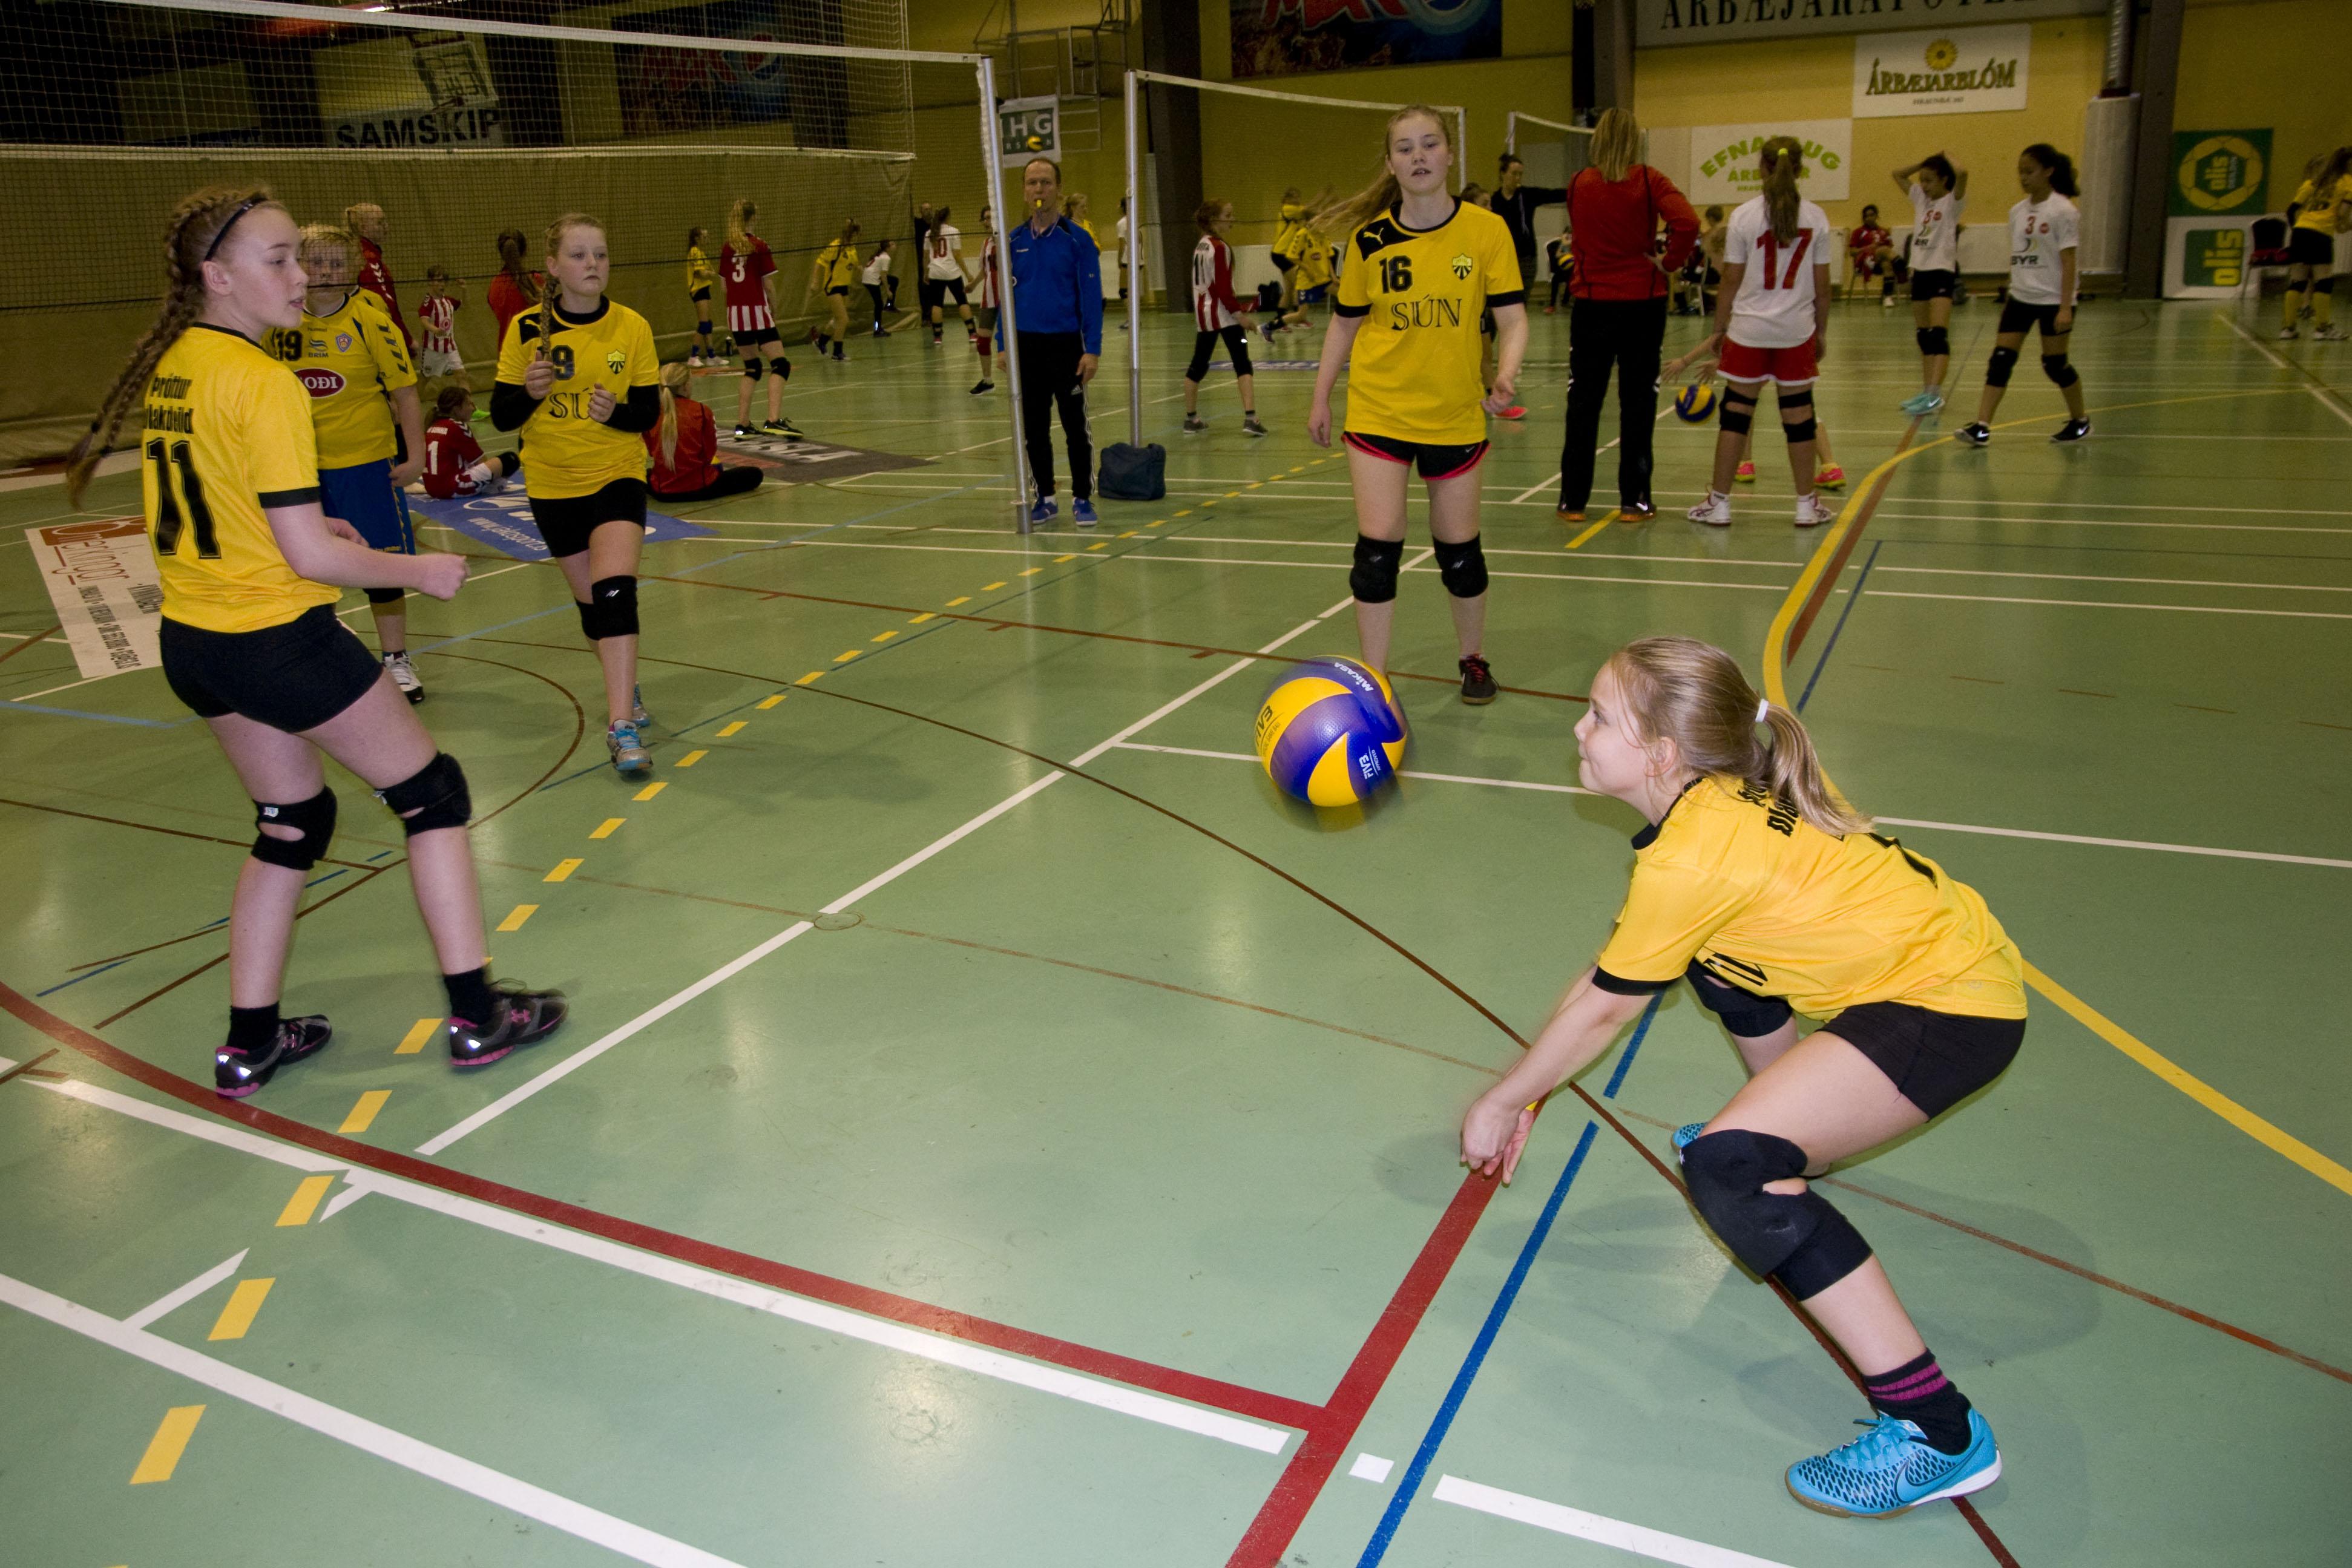 Posiciones basicas del voleibol